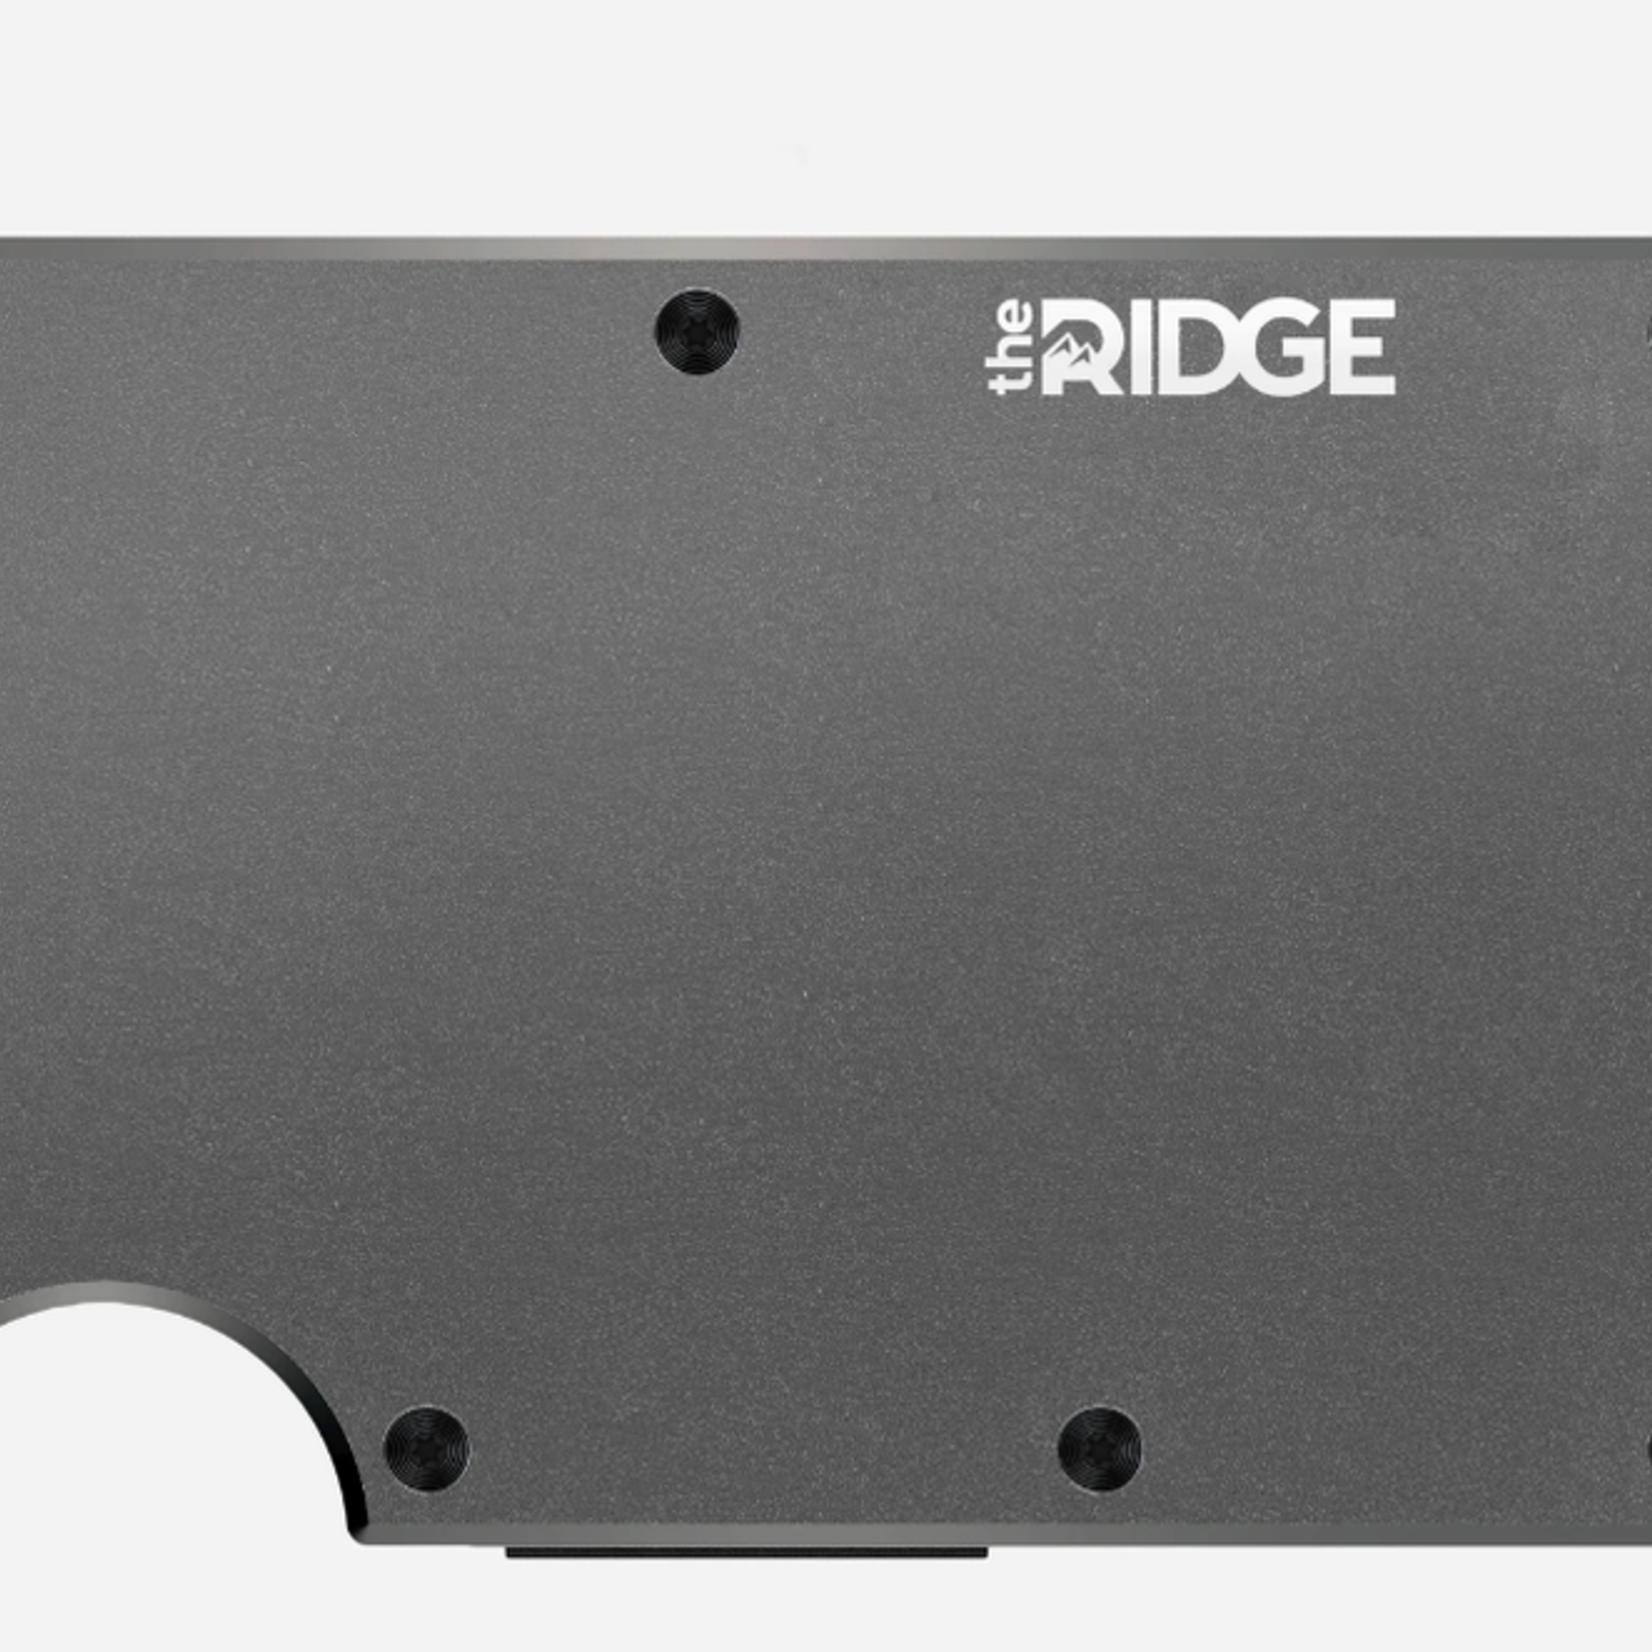 The Ridge The Ridge Aluminum Cash Strap - P-118532